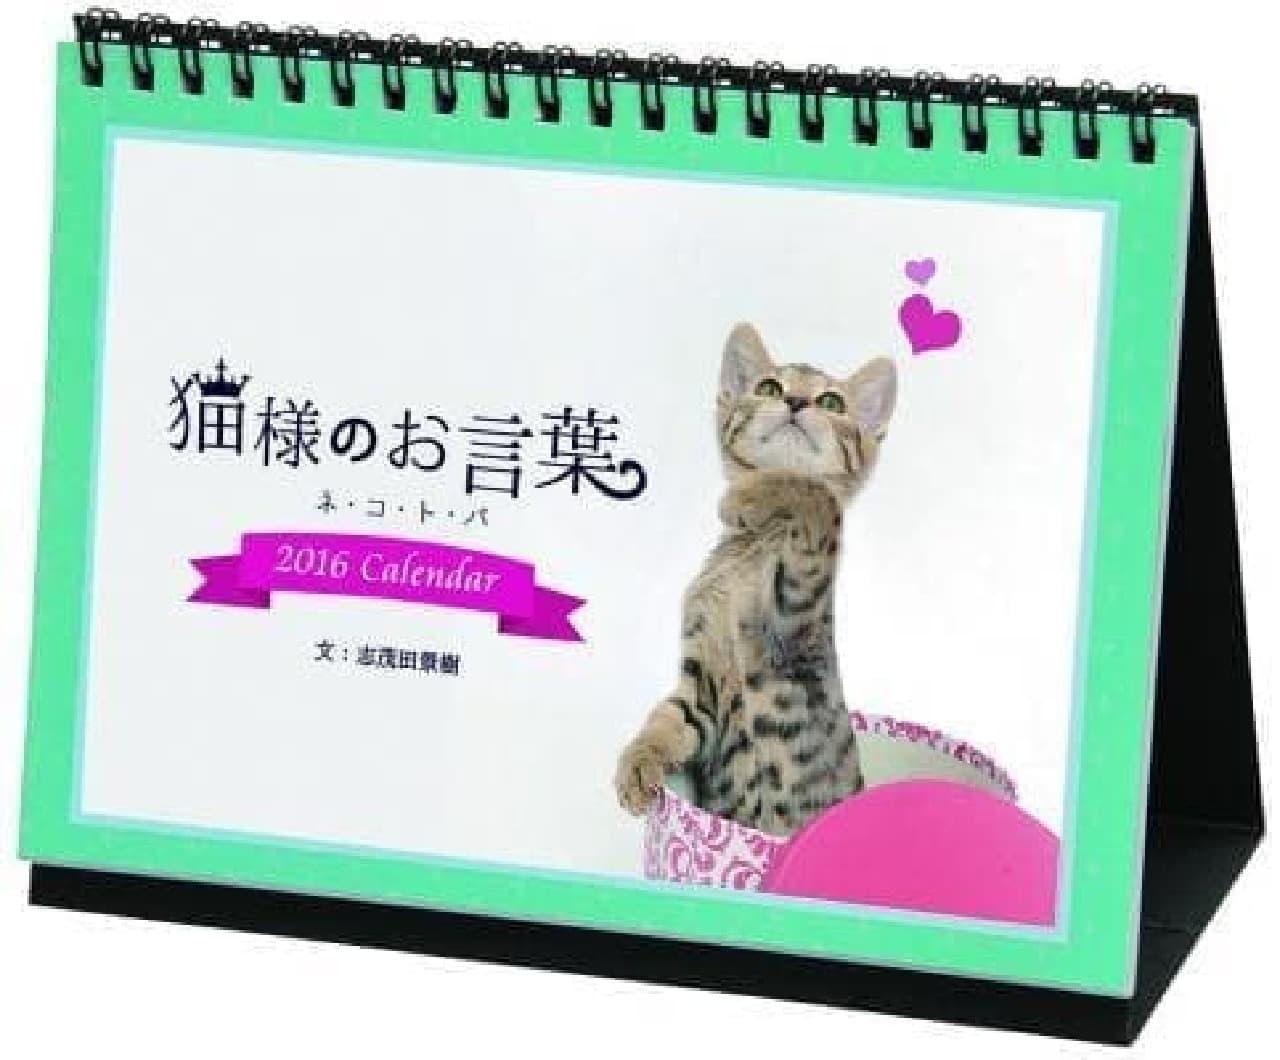 オフィスや家庭で愛らしいネコたちに癒されよう!